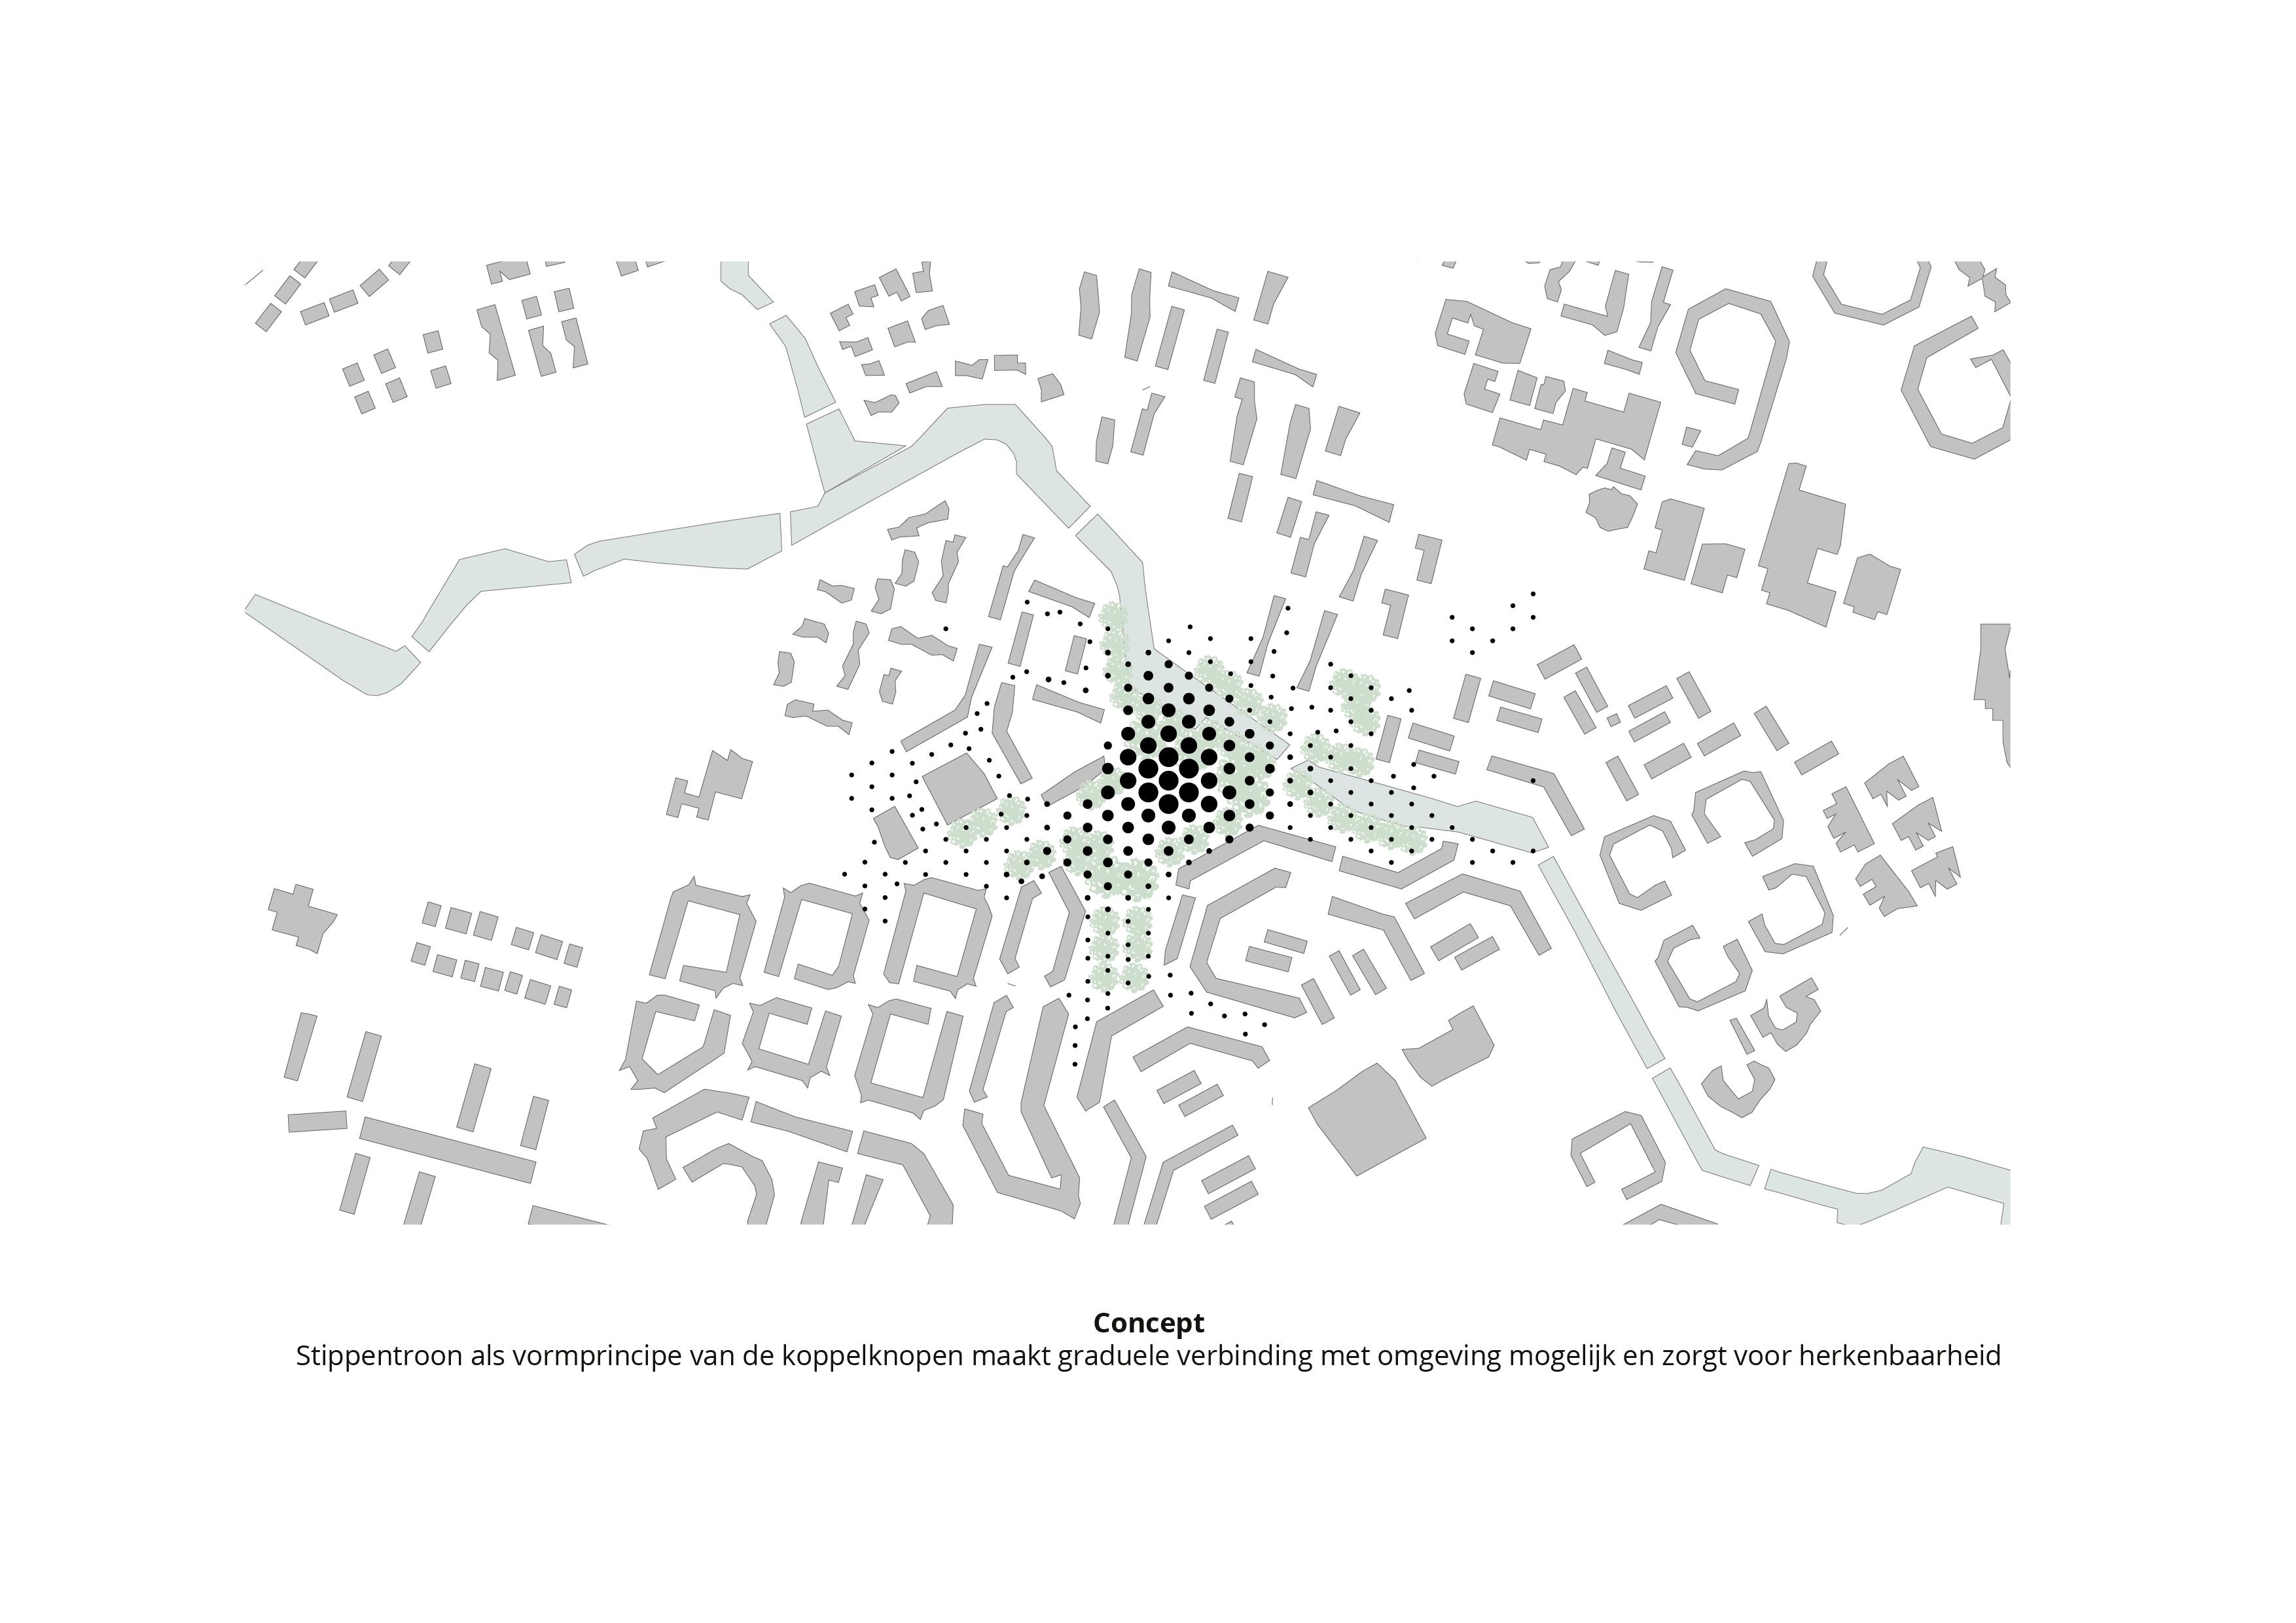 Koppelknopen Almere Haven – Driehoek grid